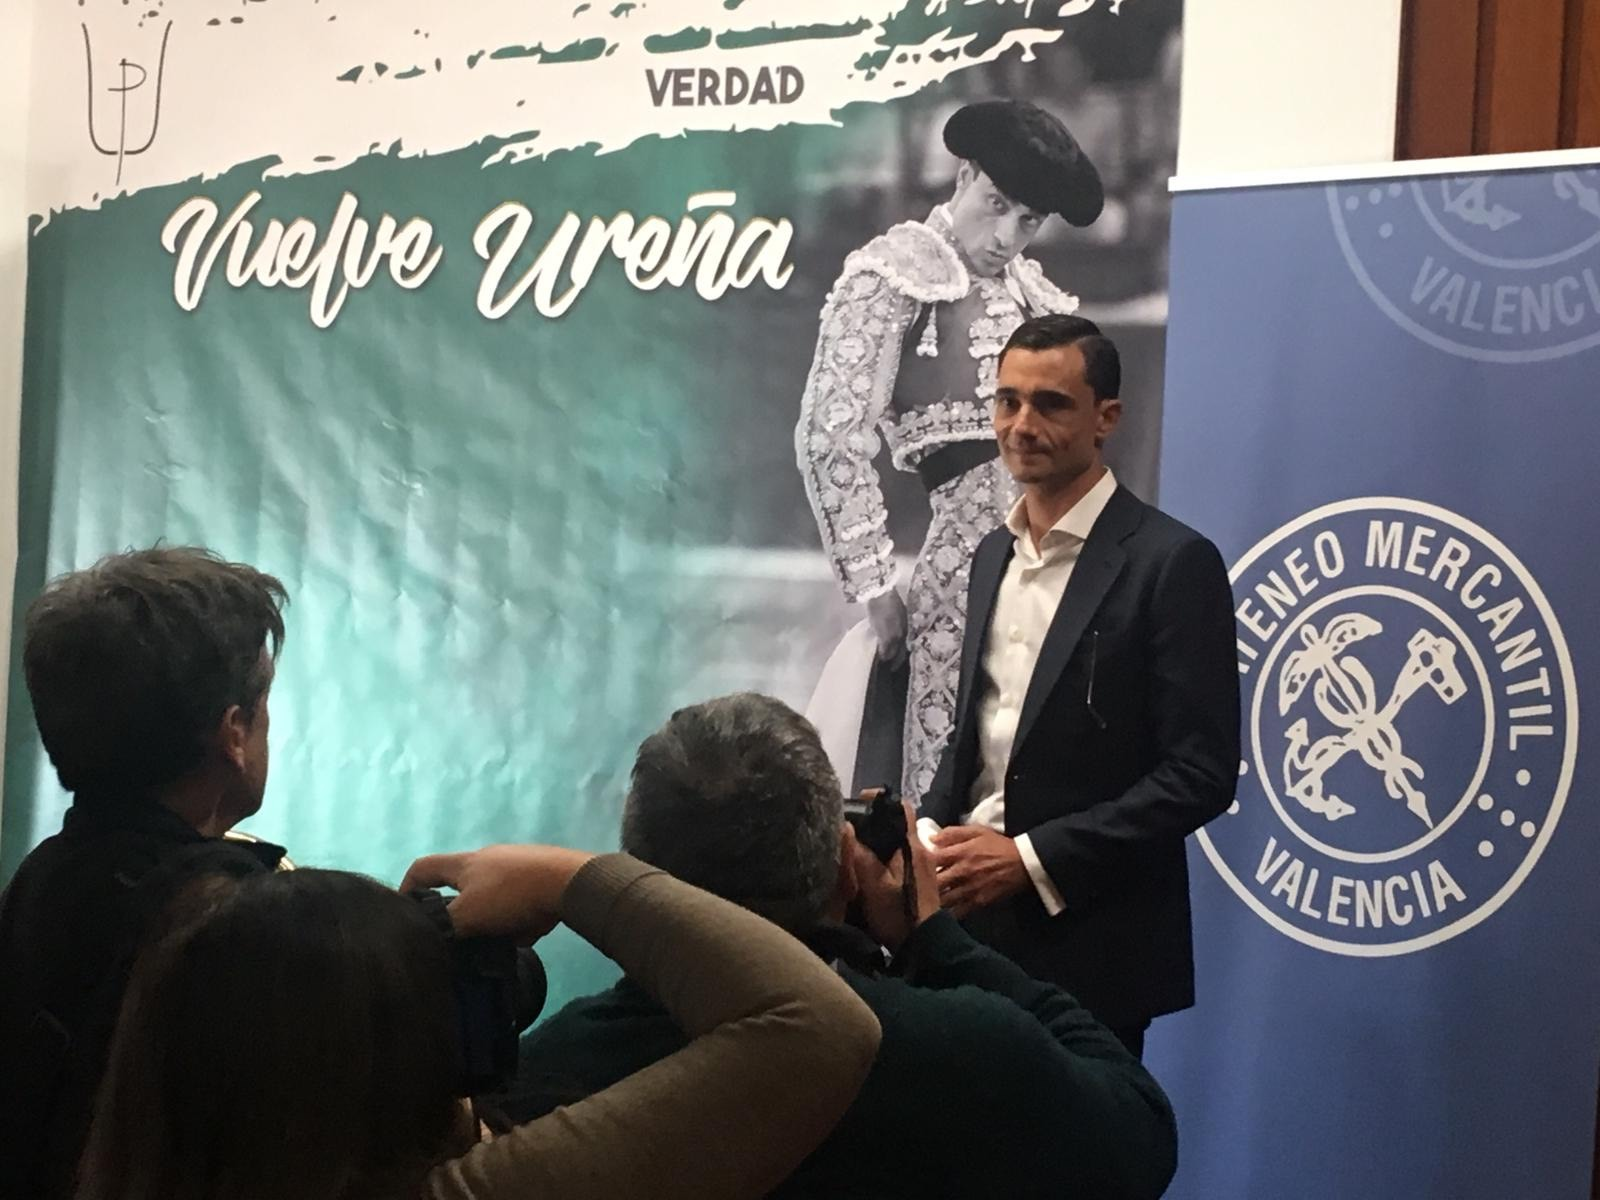 Paco Ureña en el Ateneo en Valencia